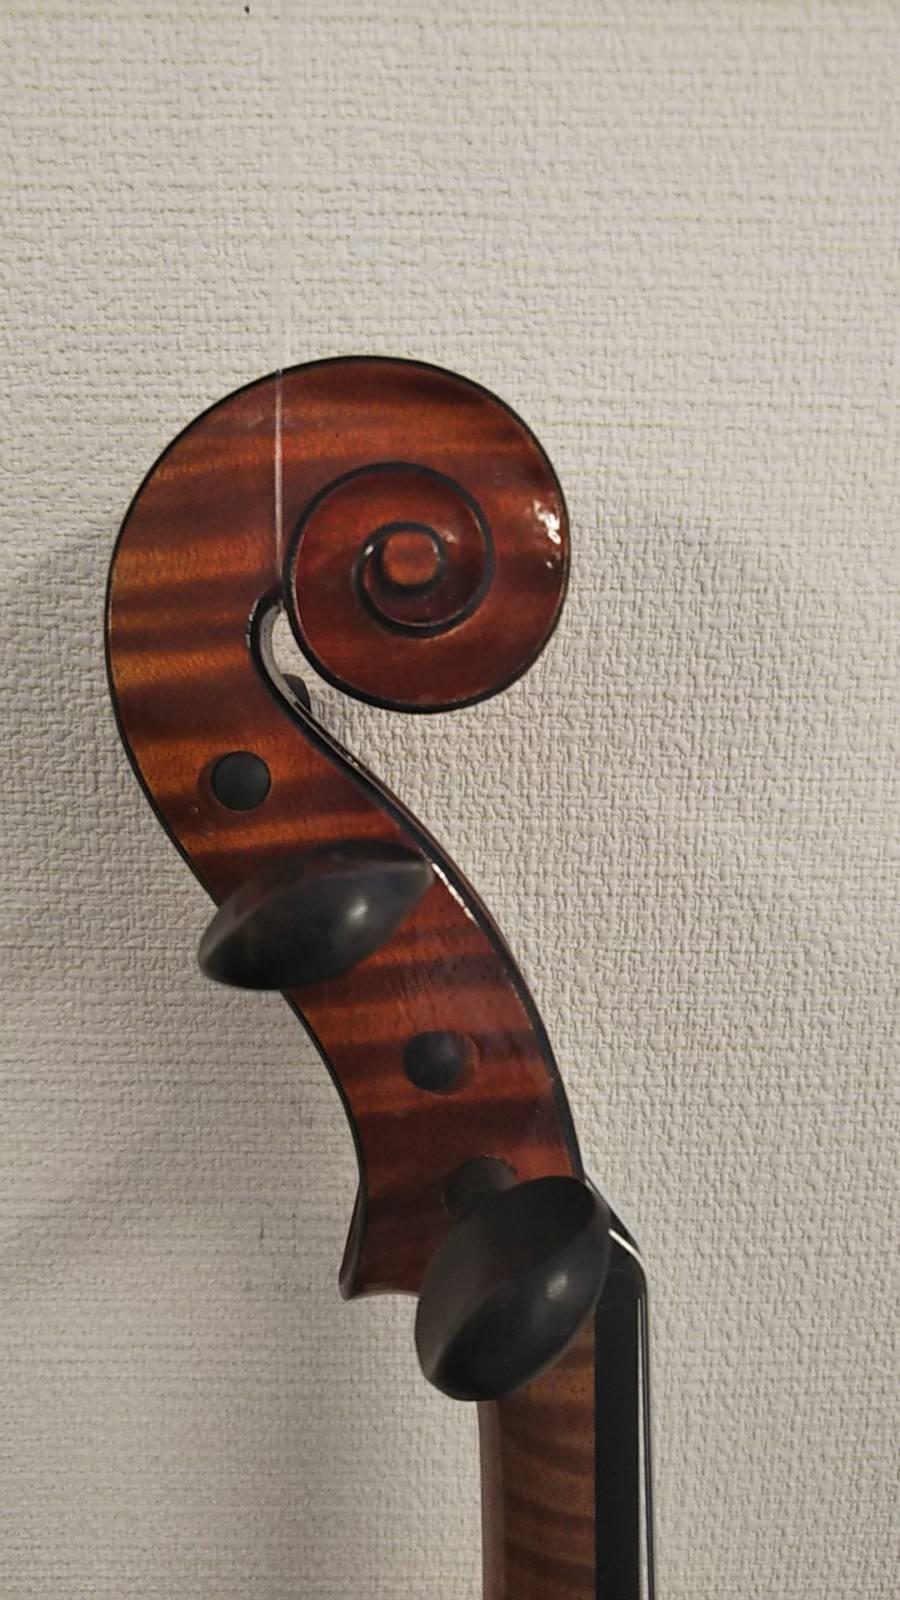 フランス ミルクールヴァイオリン Laberte-Humbert Freres Mirecourt 1933年 Grand prix Paris 1931